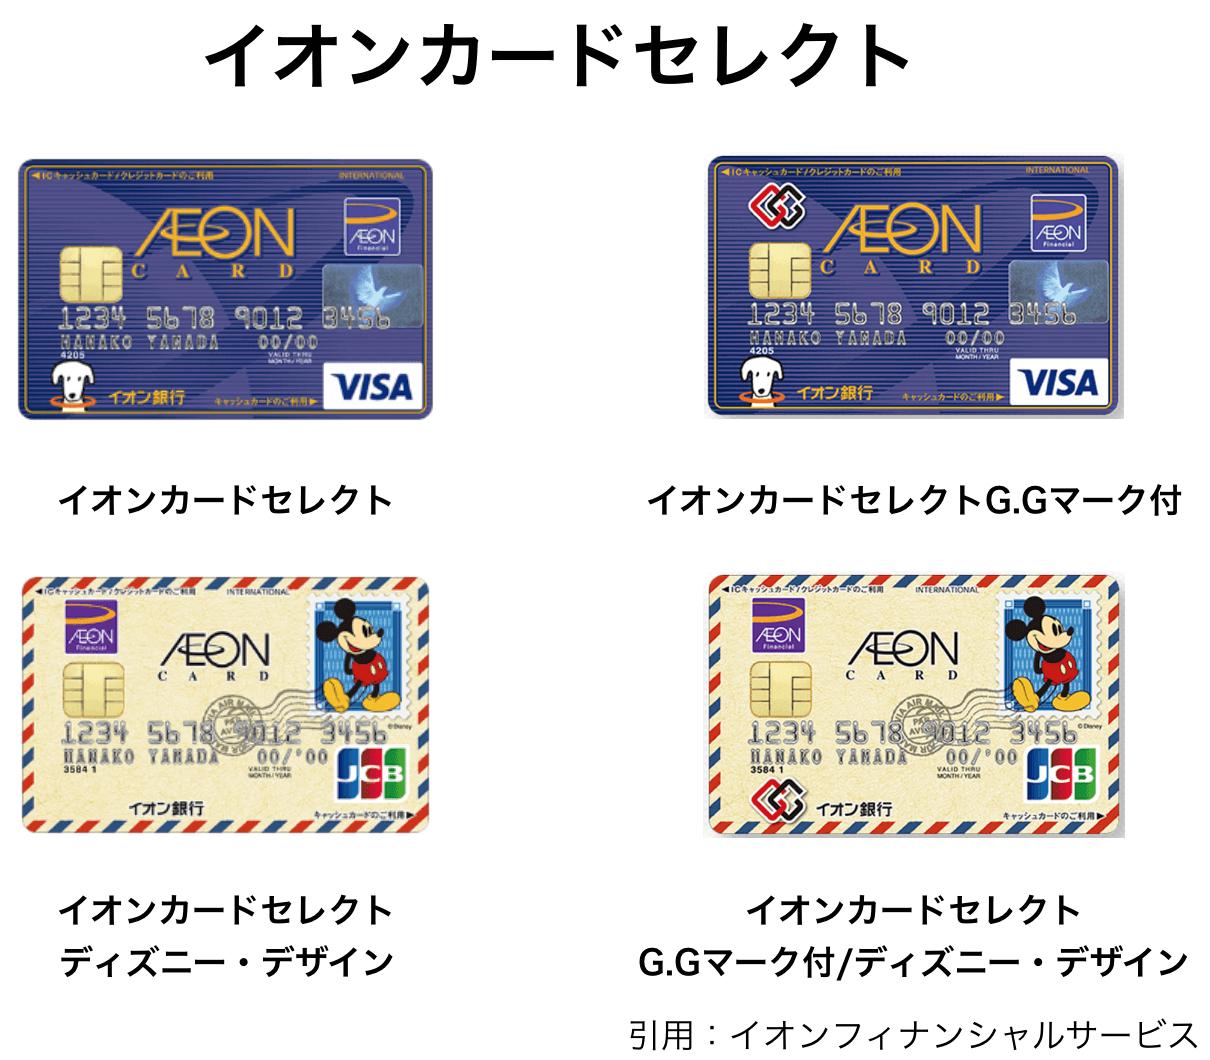 イオンゴールドカード 対象カード イオンカードセレクト